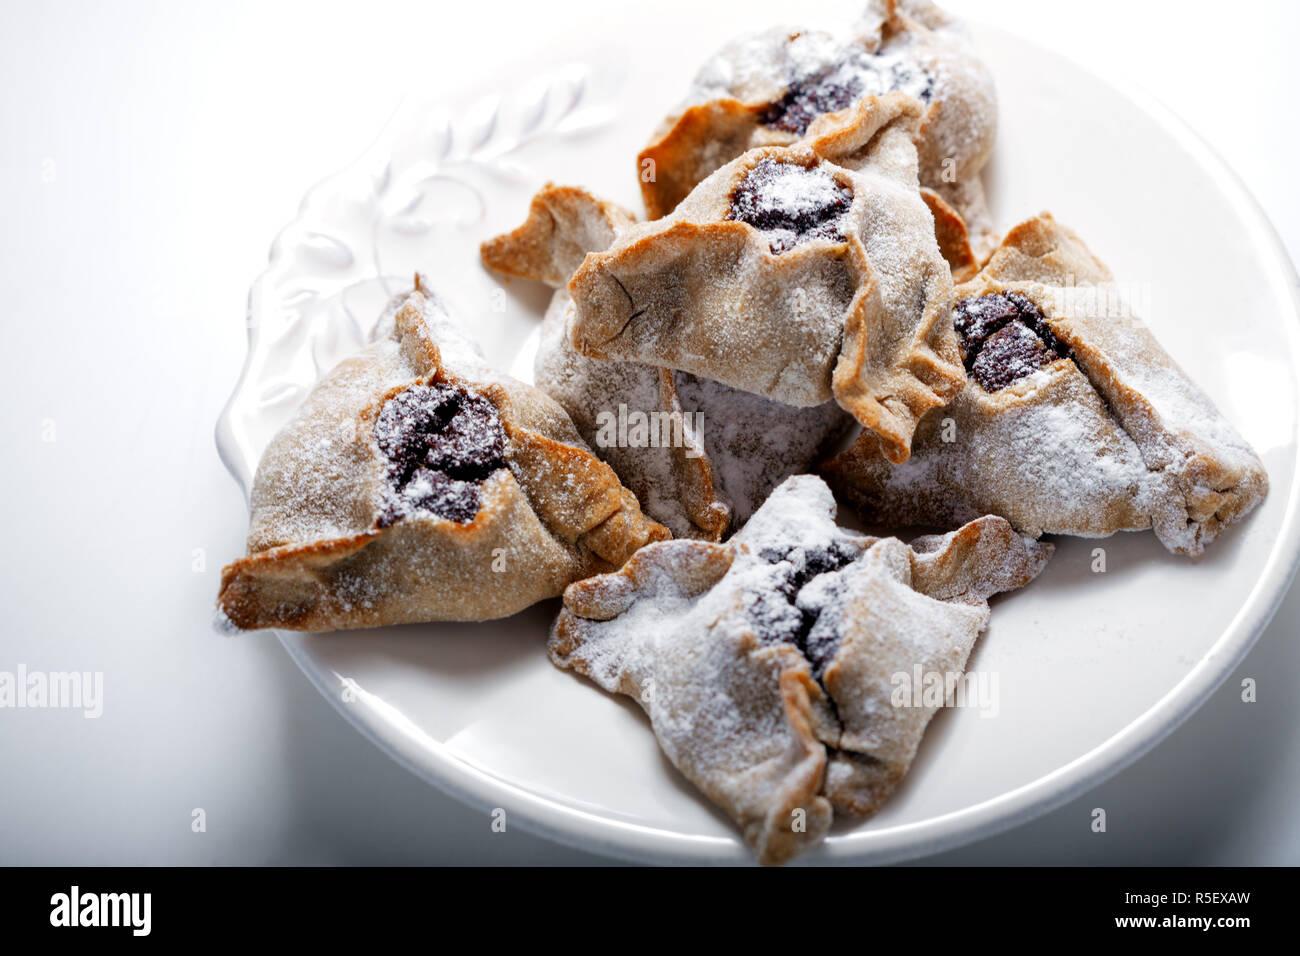 Hamantaschen Cookies for Purim - Stock Image